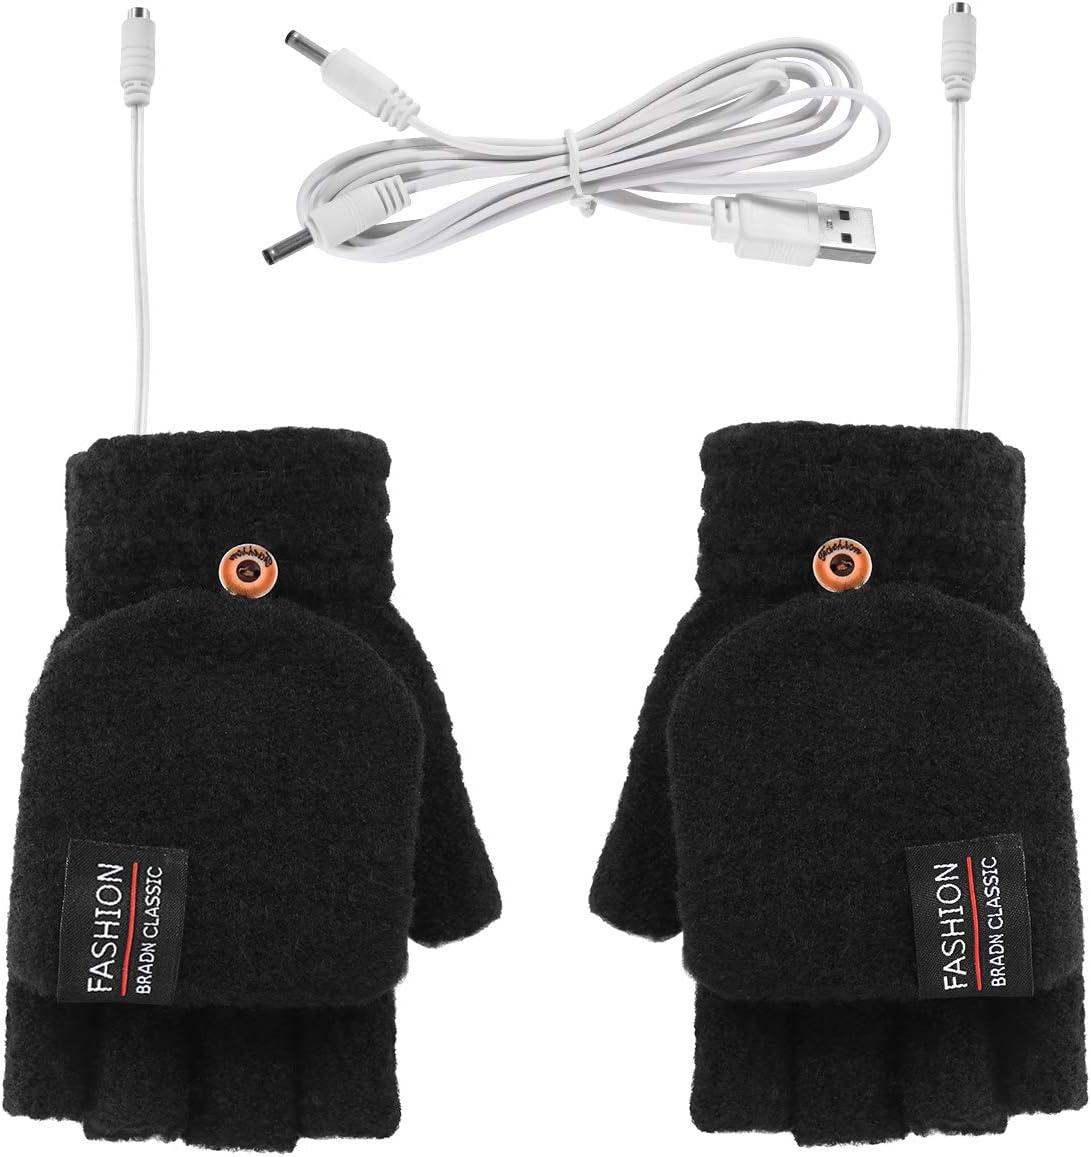 ROSEBEAR Guantes de Calentamiento USB para Mujeres Hombres Unisex Medio Y Dedos Completos Guantes Calientes Guantes de Invierno Calentador de Manos